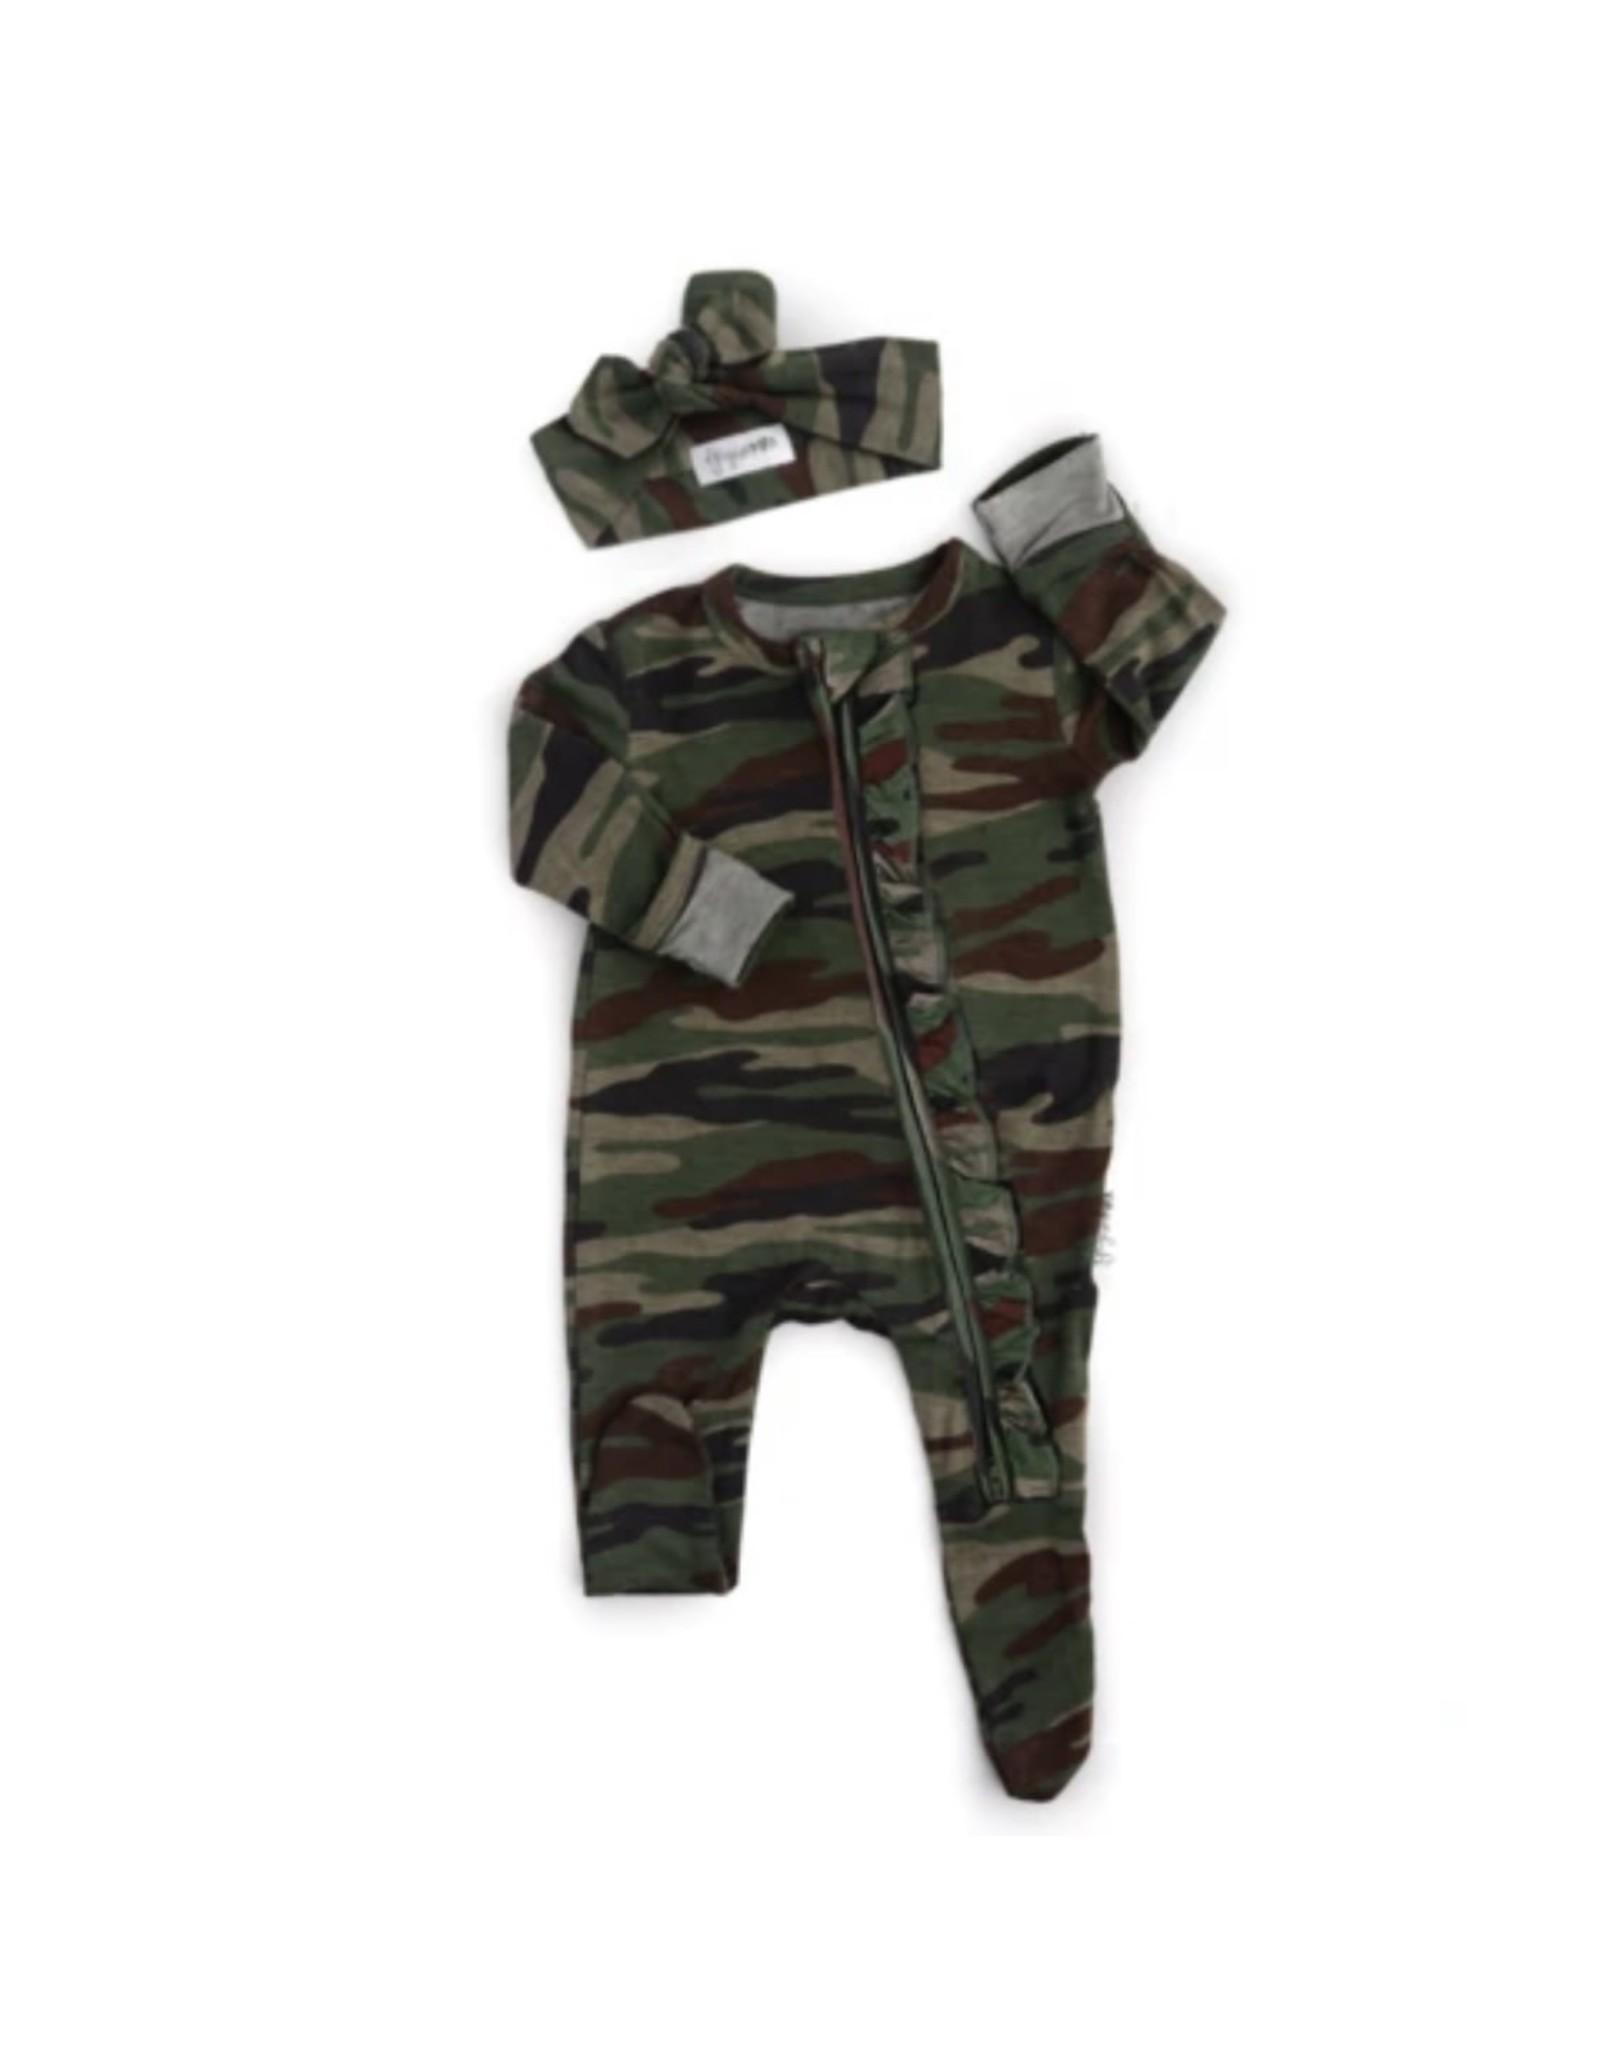 Gigi & Max Gigi & Max - Camo Ruffle Newborn Footed Zip & Heaband Set